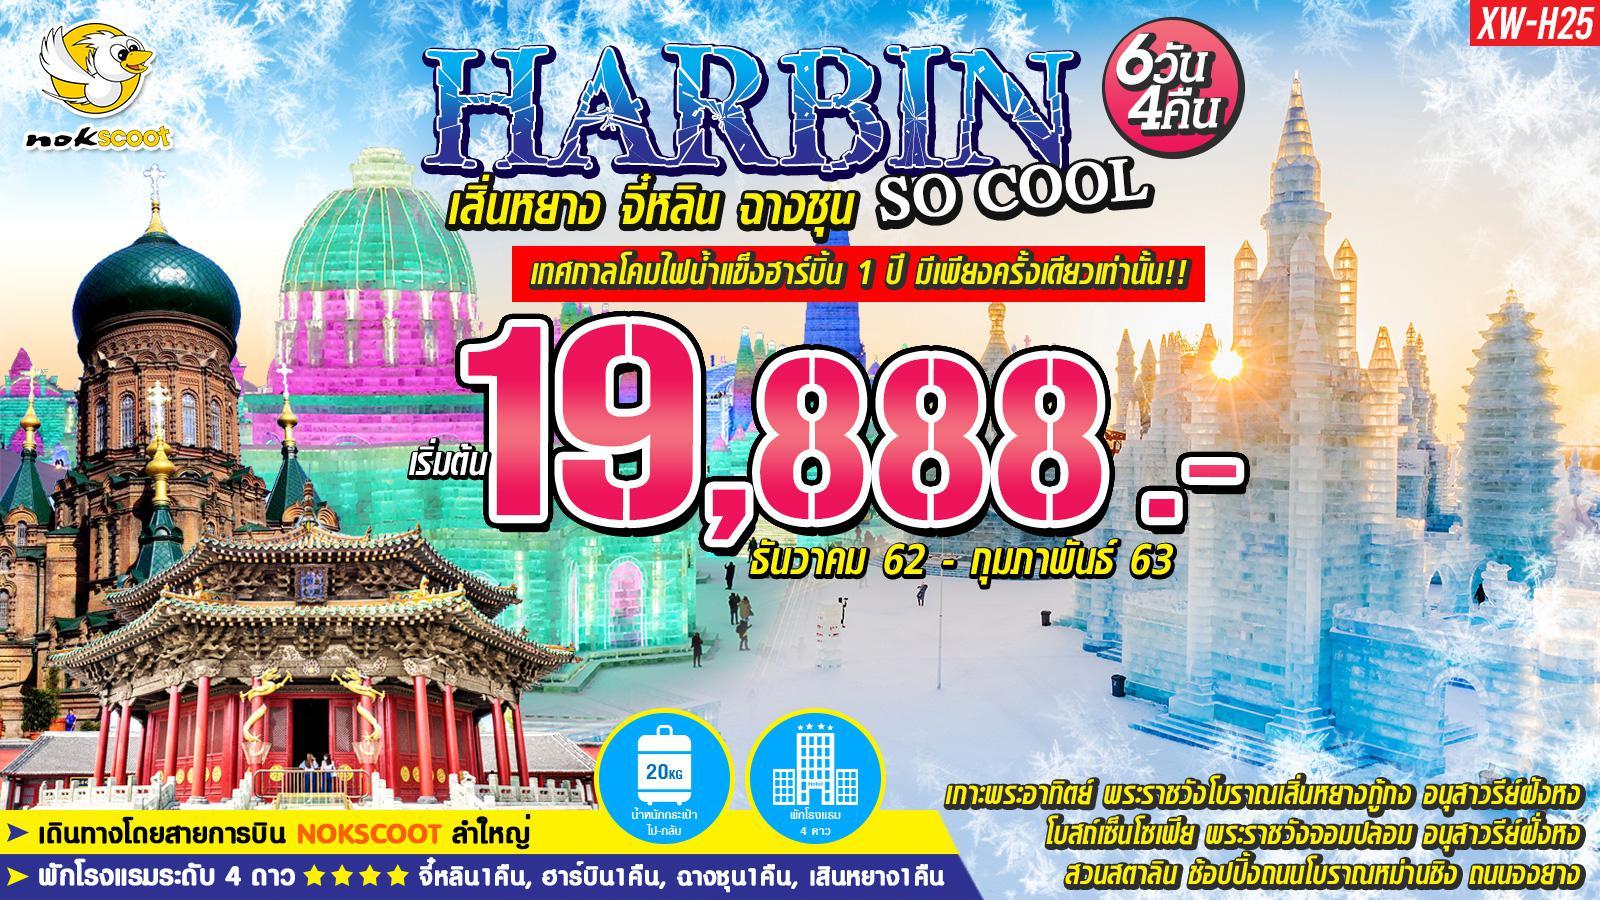 ทัวร์จีน XW-H25 HARBIN SO COOL เสิ่นหยาง จี๋หลิน ฉางชุน 6วัน4คืน